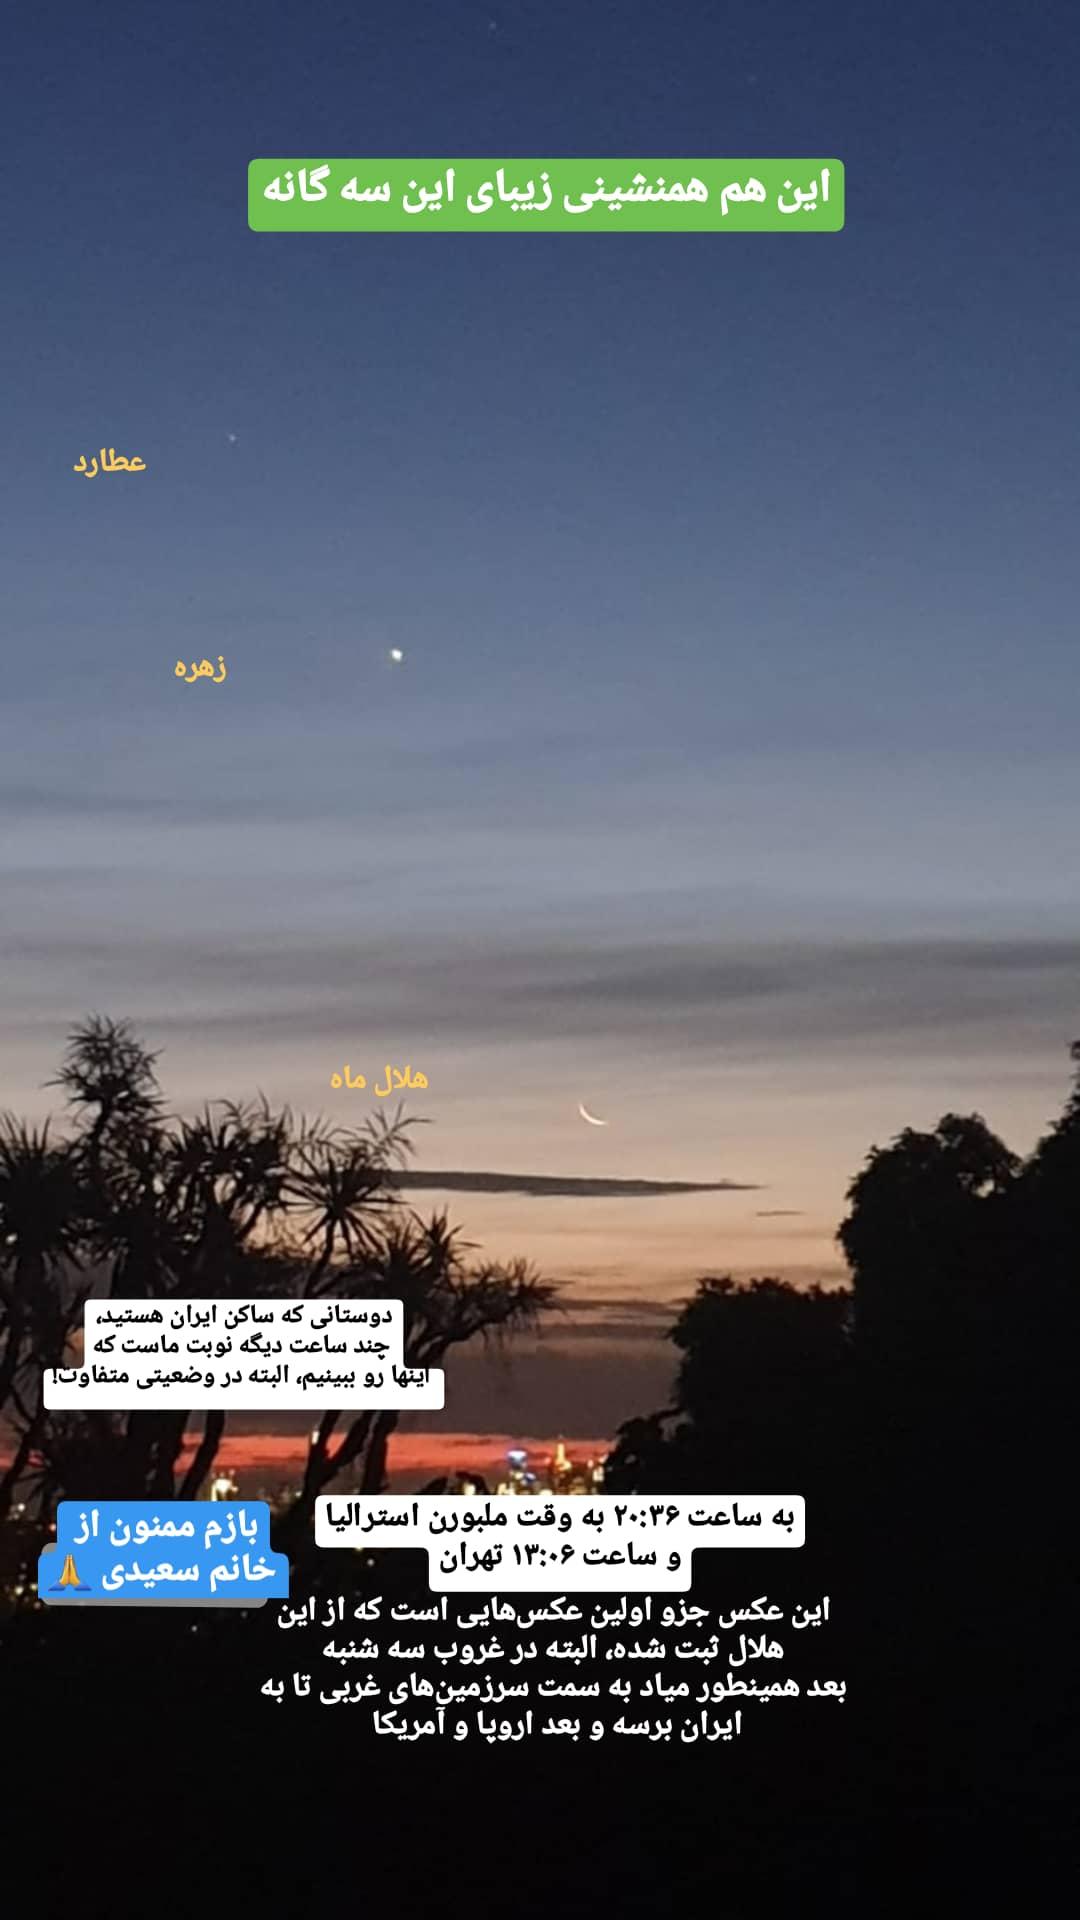 هلال ماه نو از سروینه سعیدی